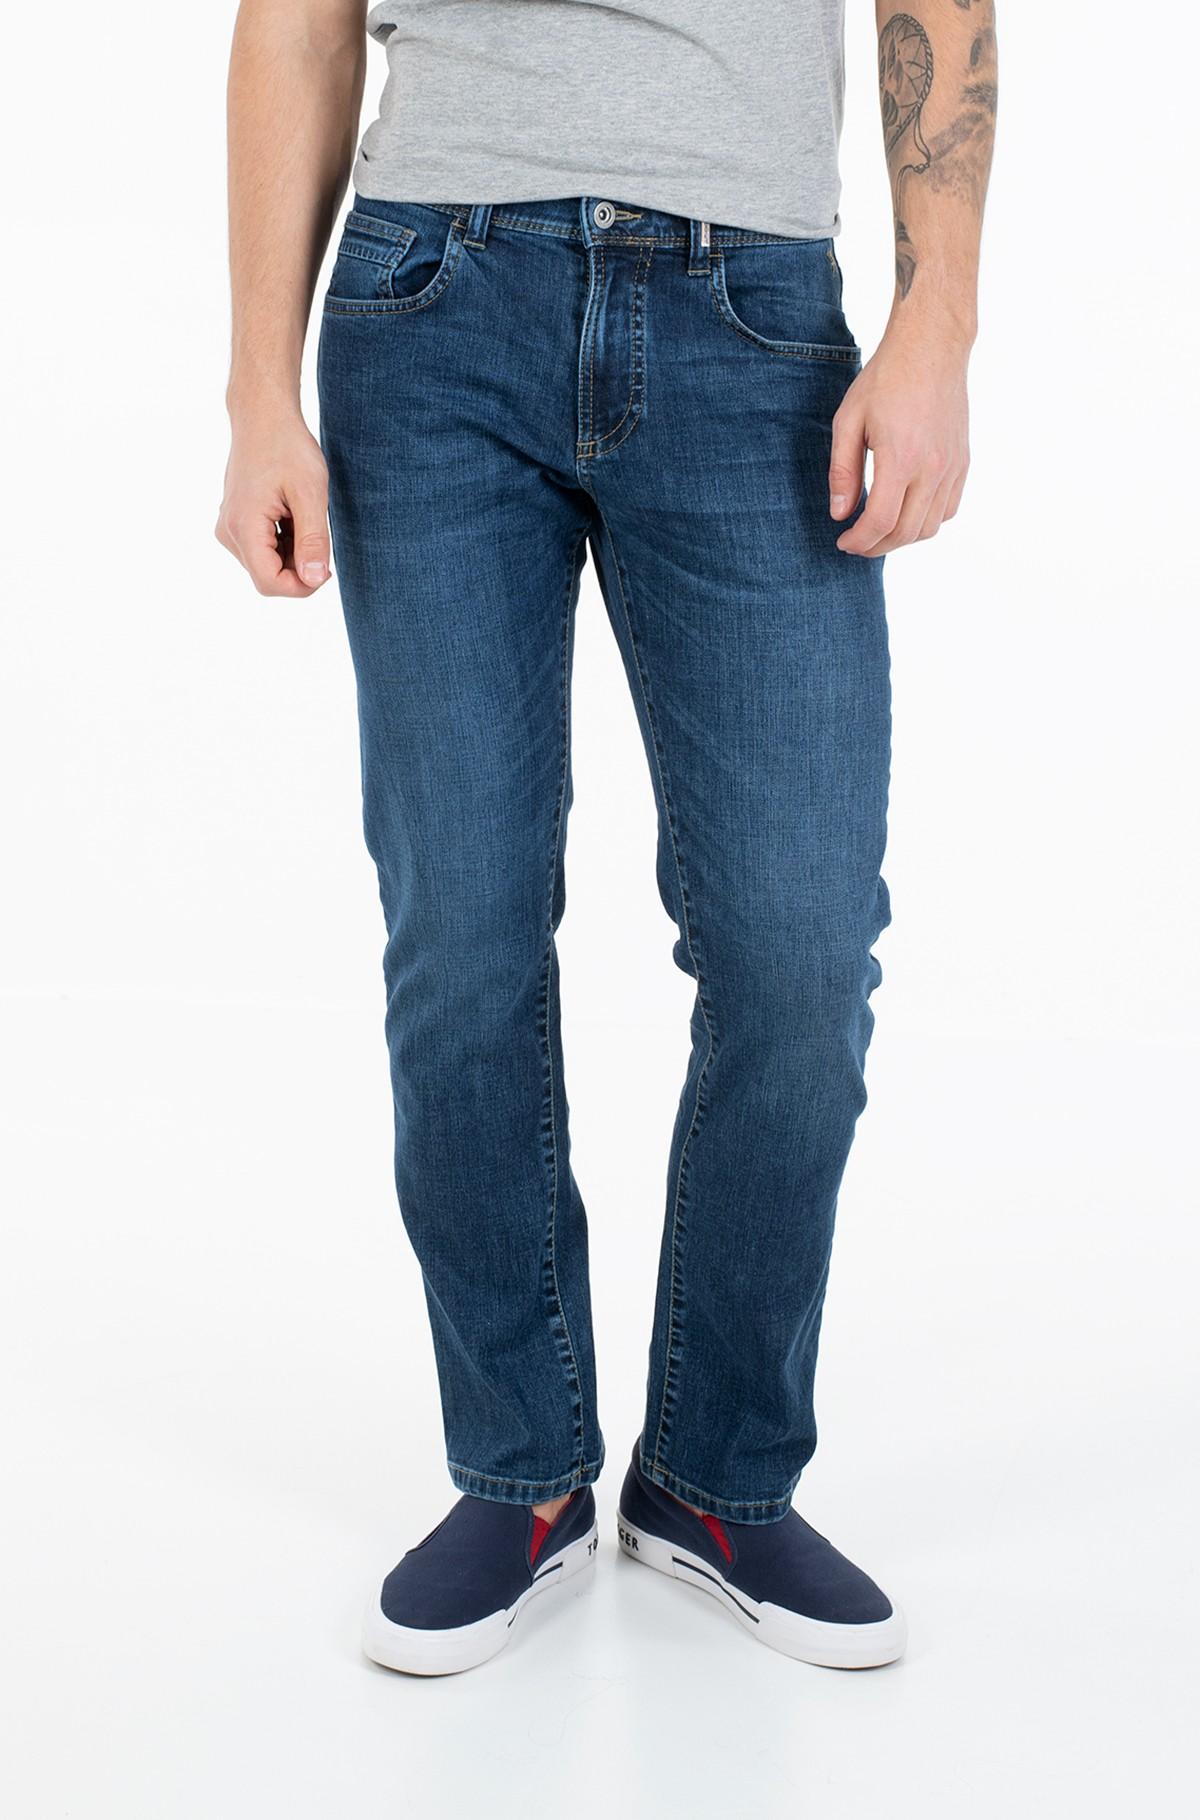 Jeans 488255/9829-full-1